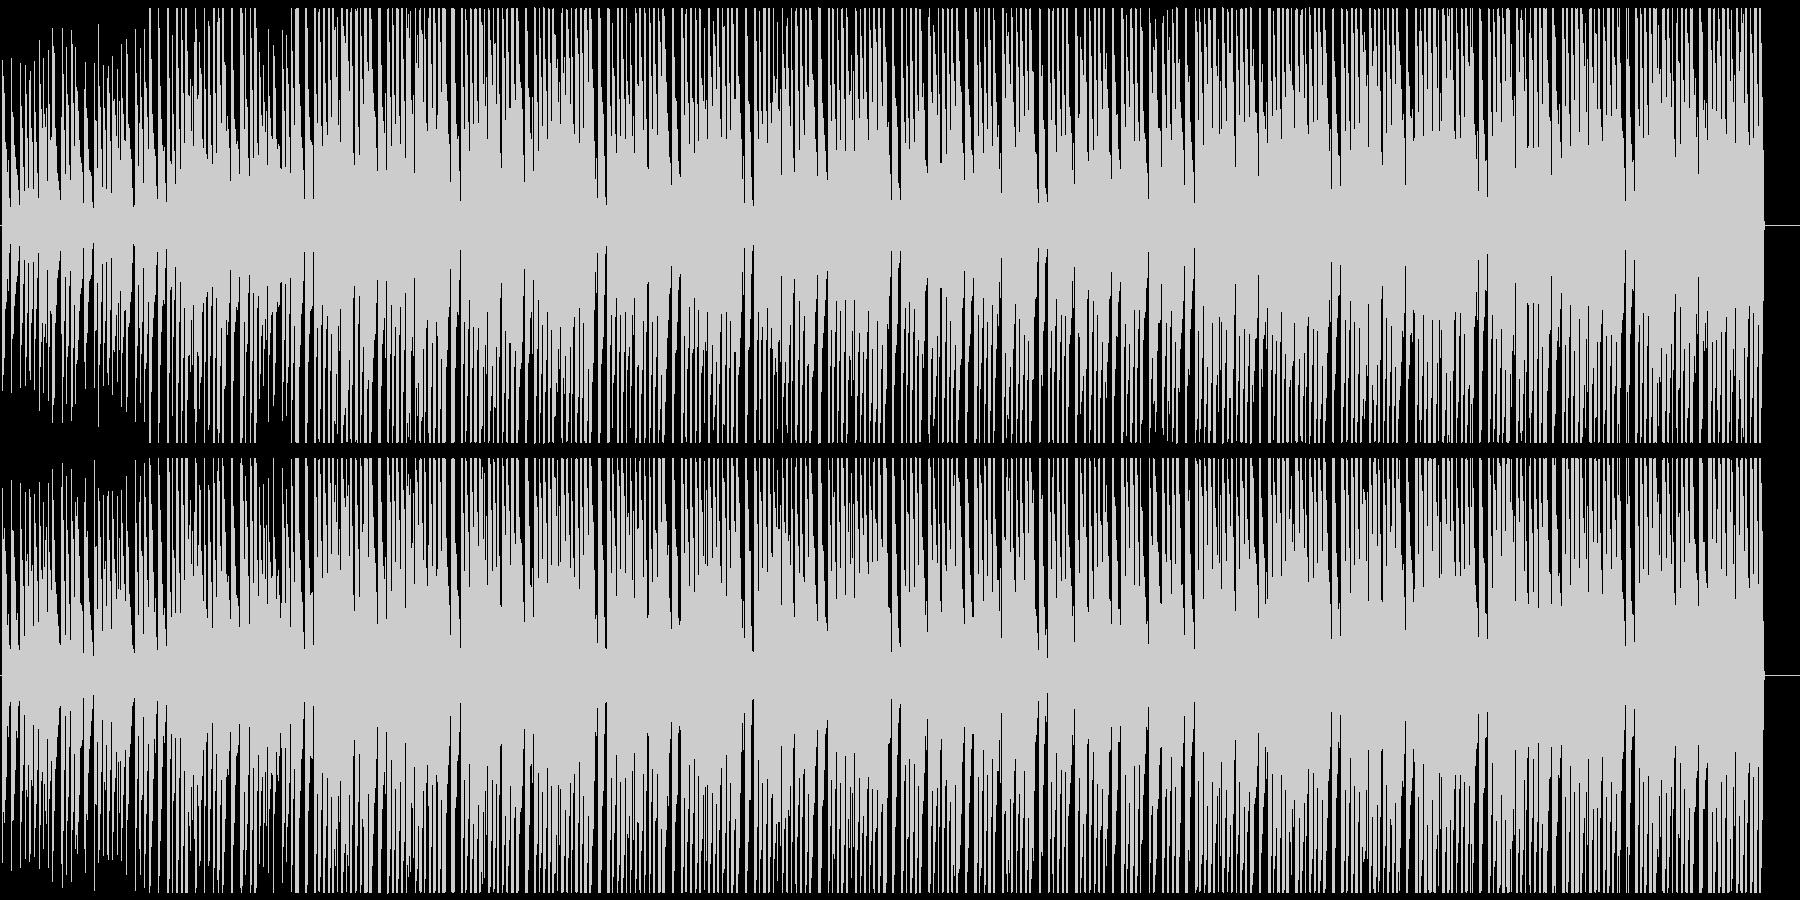 キラキラアフロビート トロピカルハウスの未再生の波形